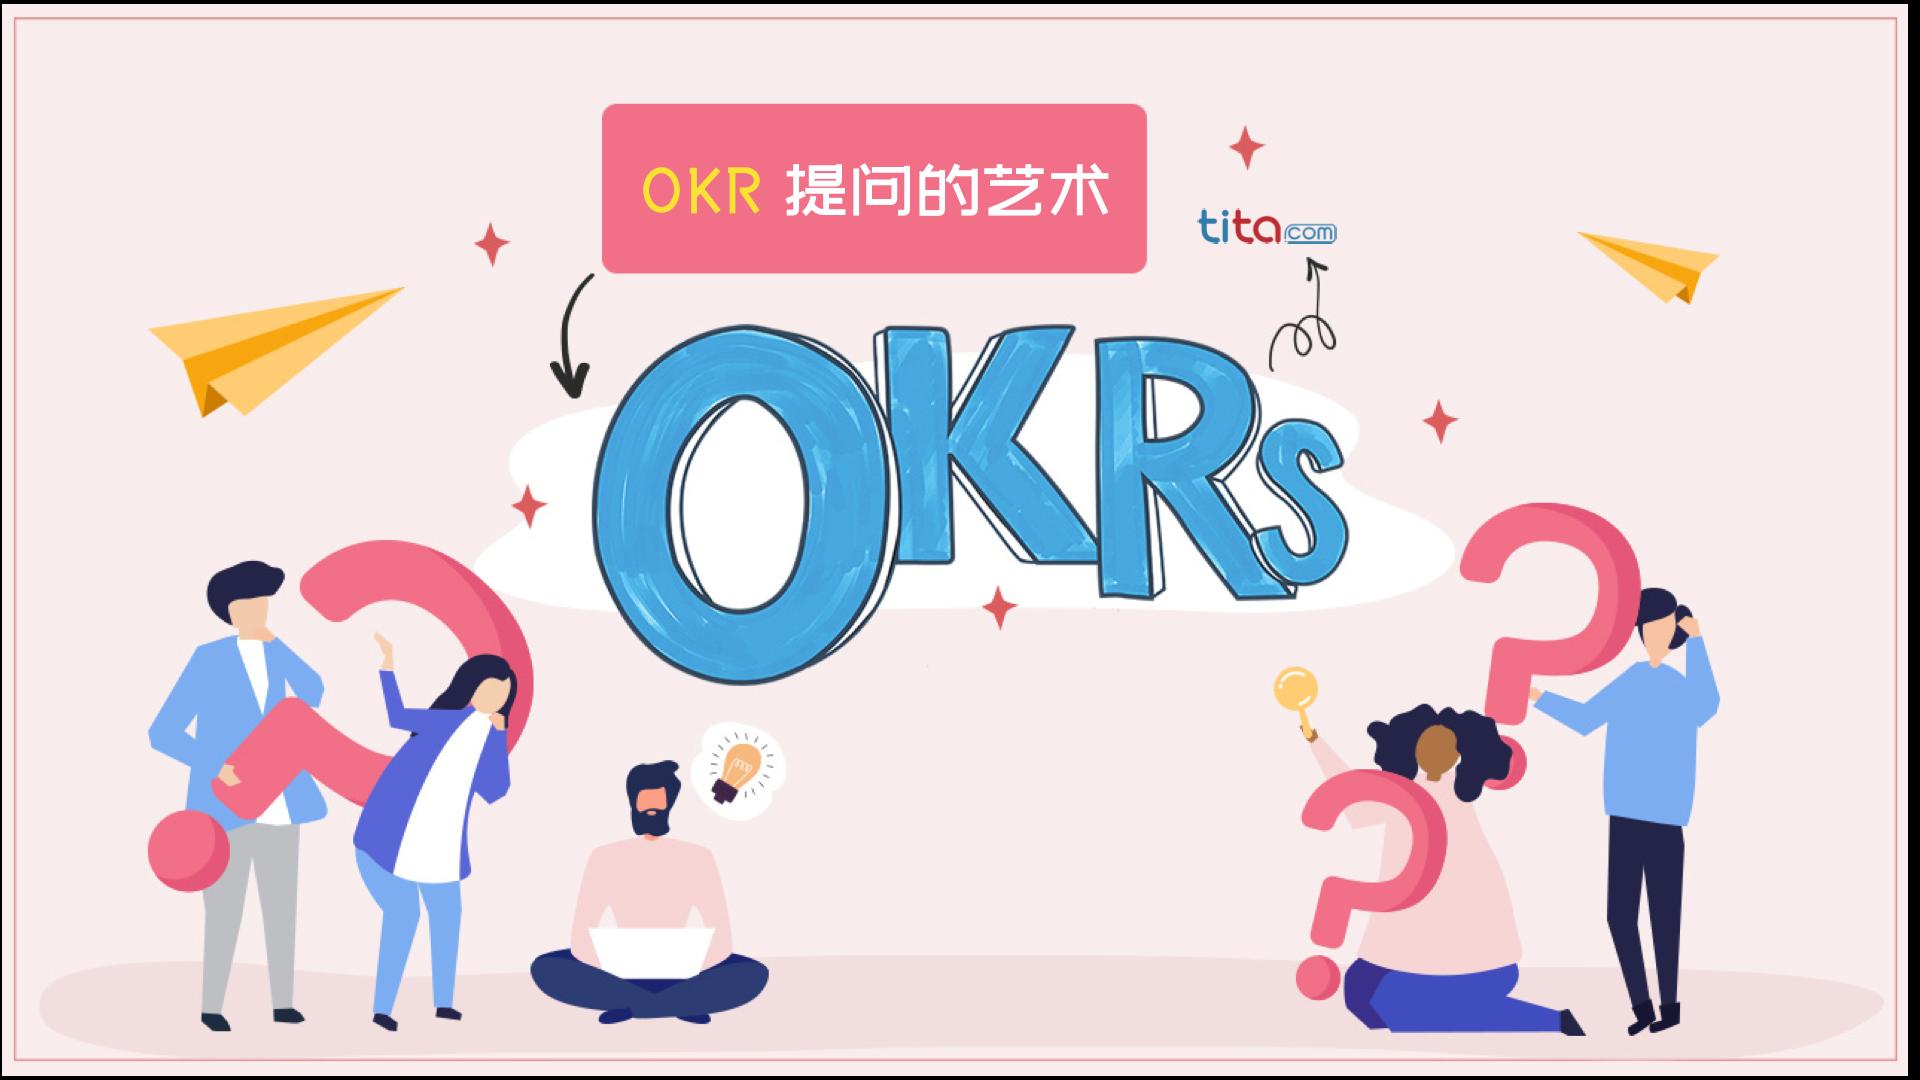 设计师团队 OKR 案例库